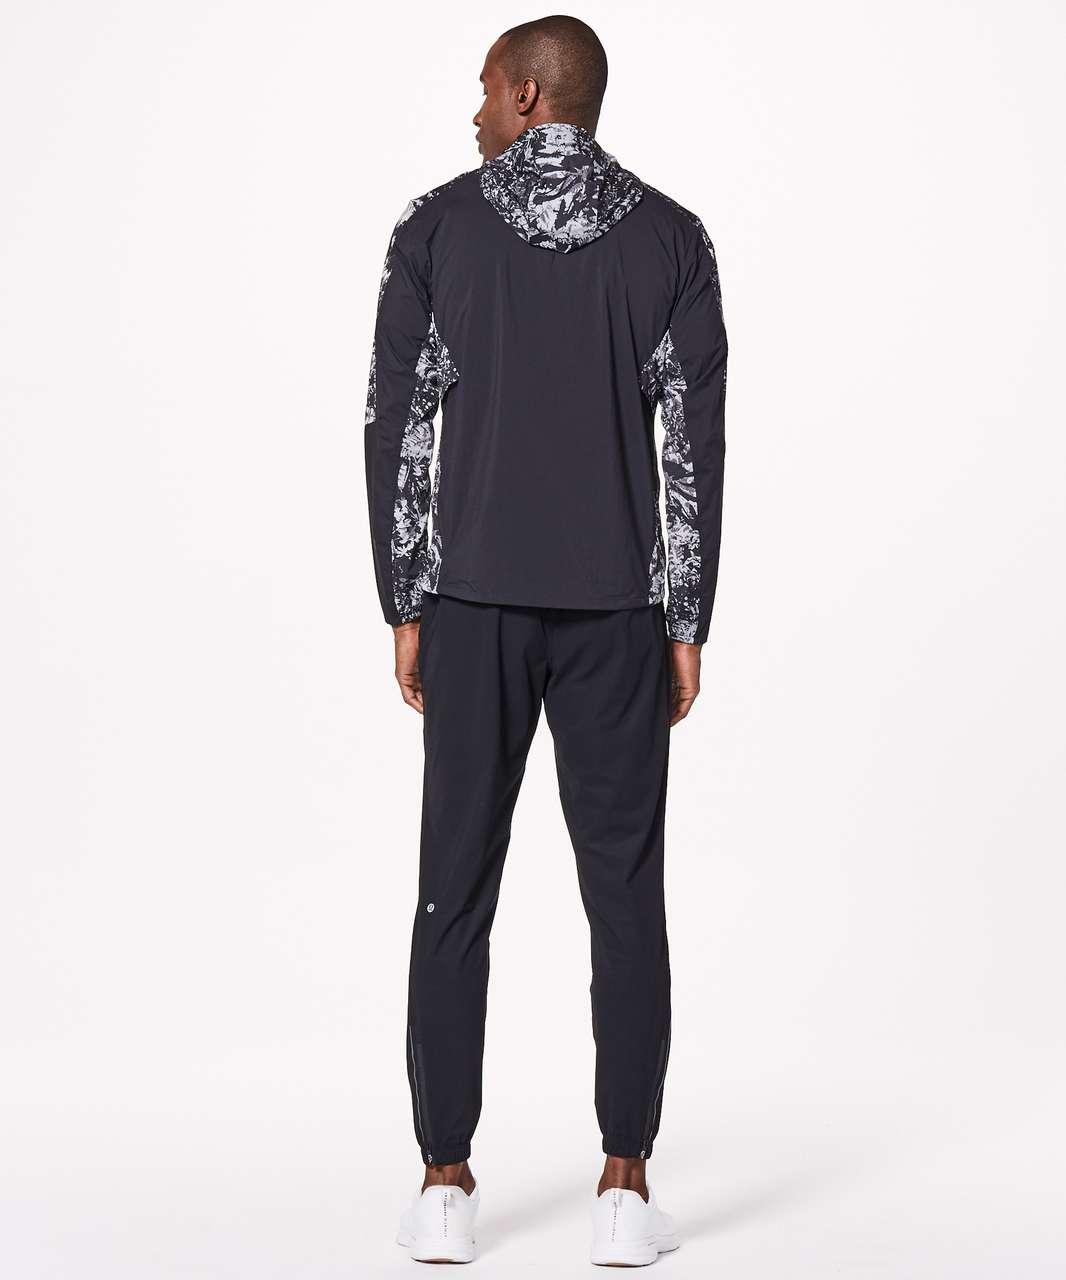 Lululemon Active Jacket - Canopy Ice Grey Black